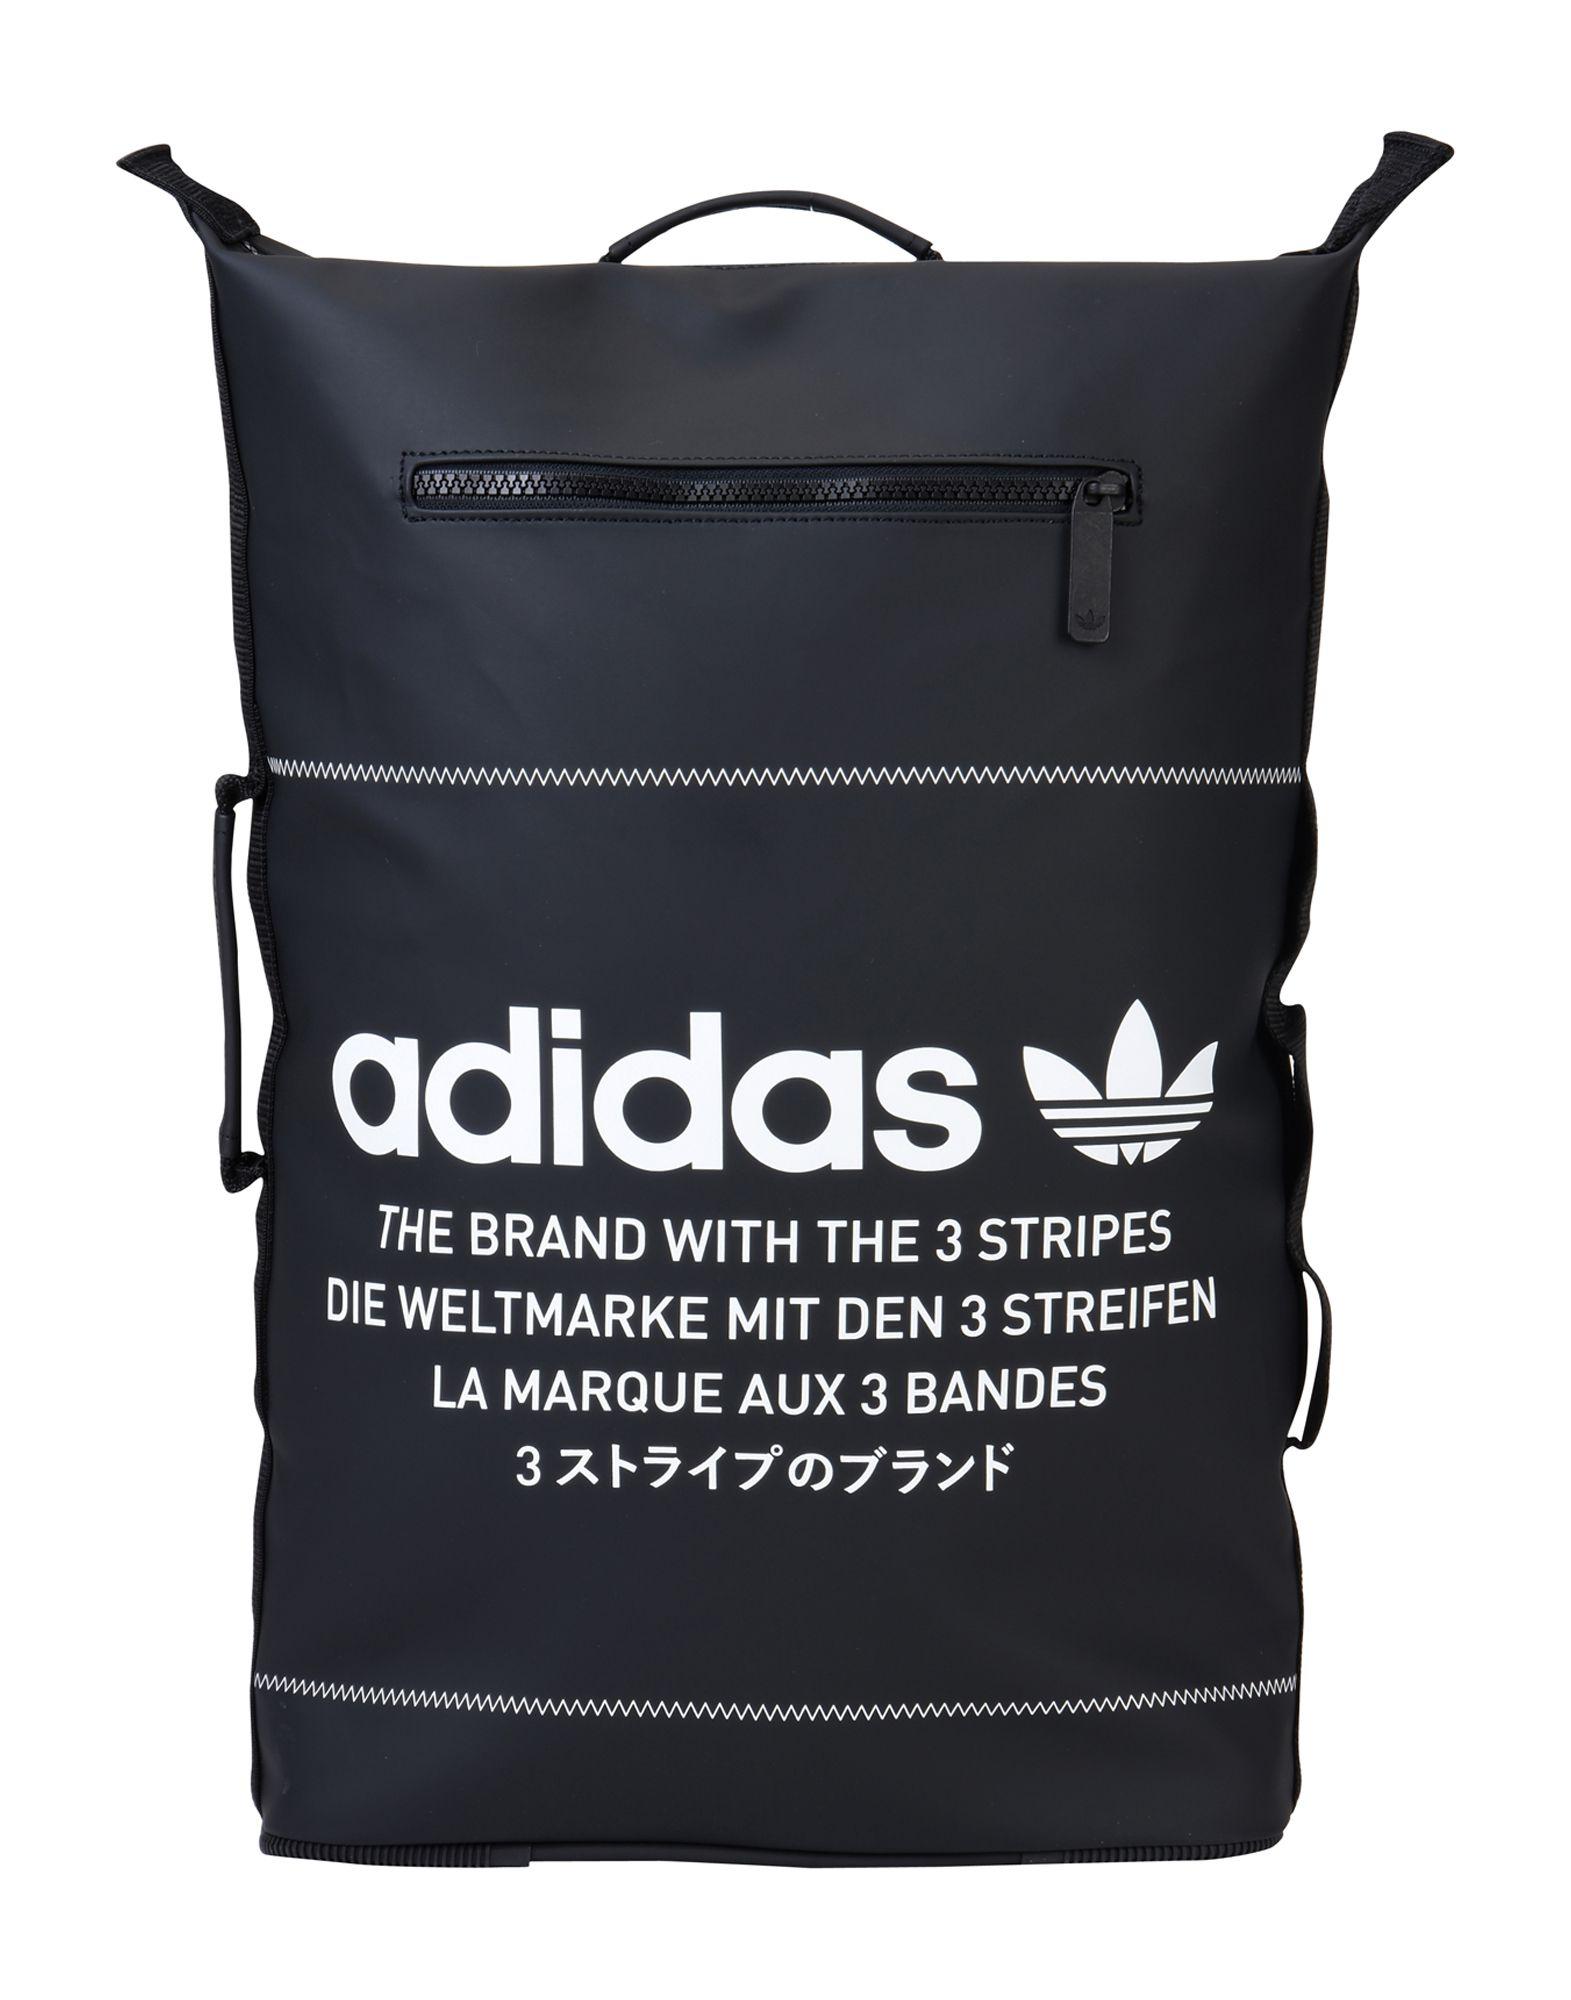 4a46dfe344e7 Adidas Originals Adidas Nmd Bp S - Rucksack   Bumbag - Men Adidas ...